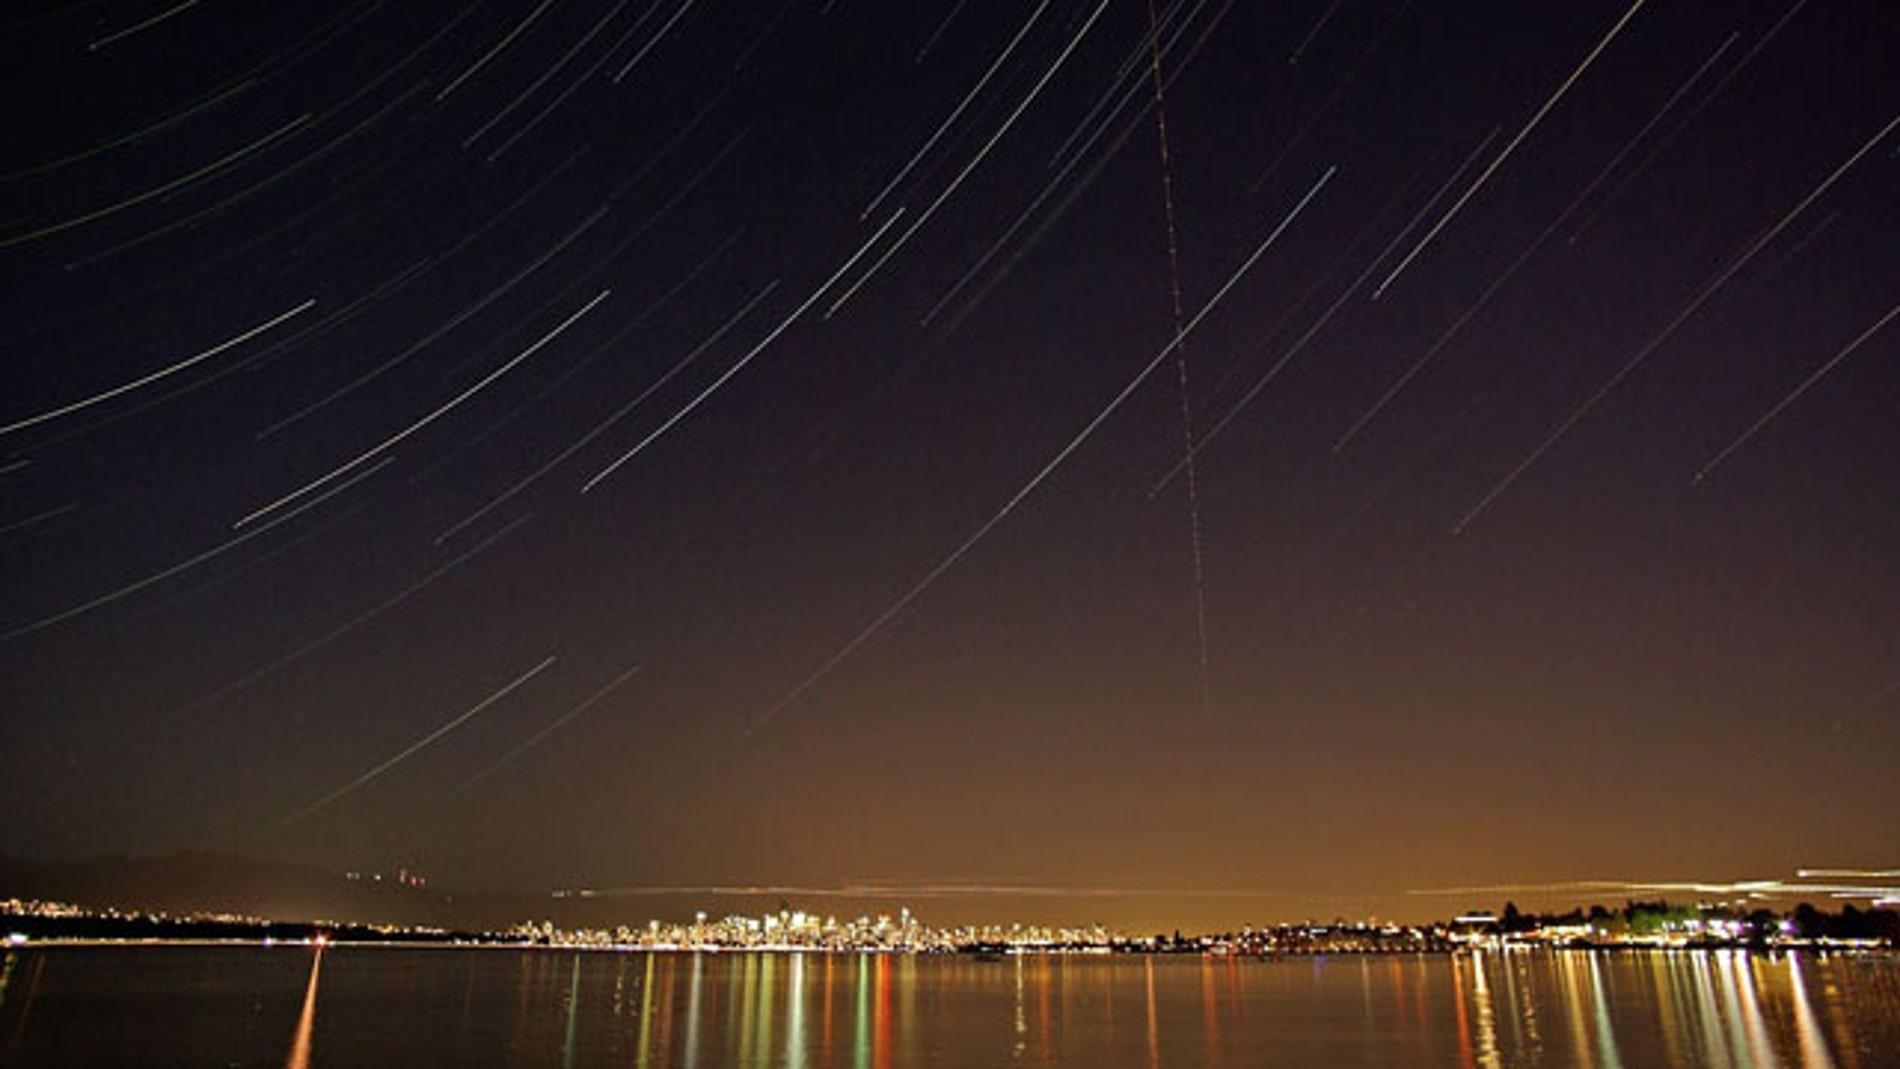 Vista de una lluvia de meteoros proveniente de las Perseidas